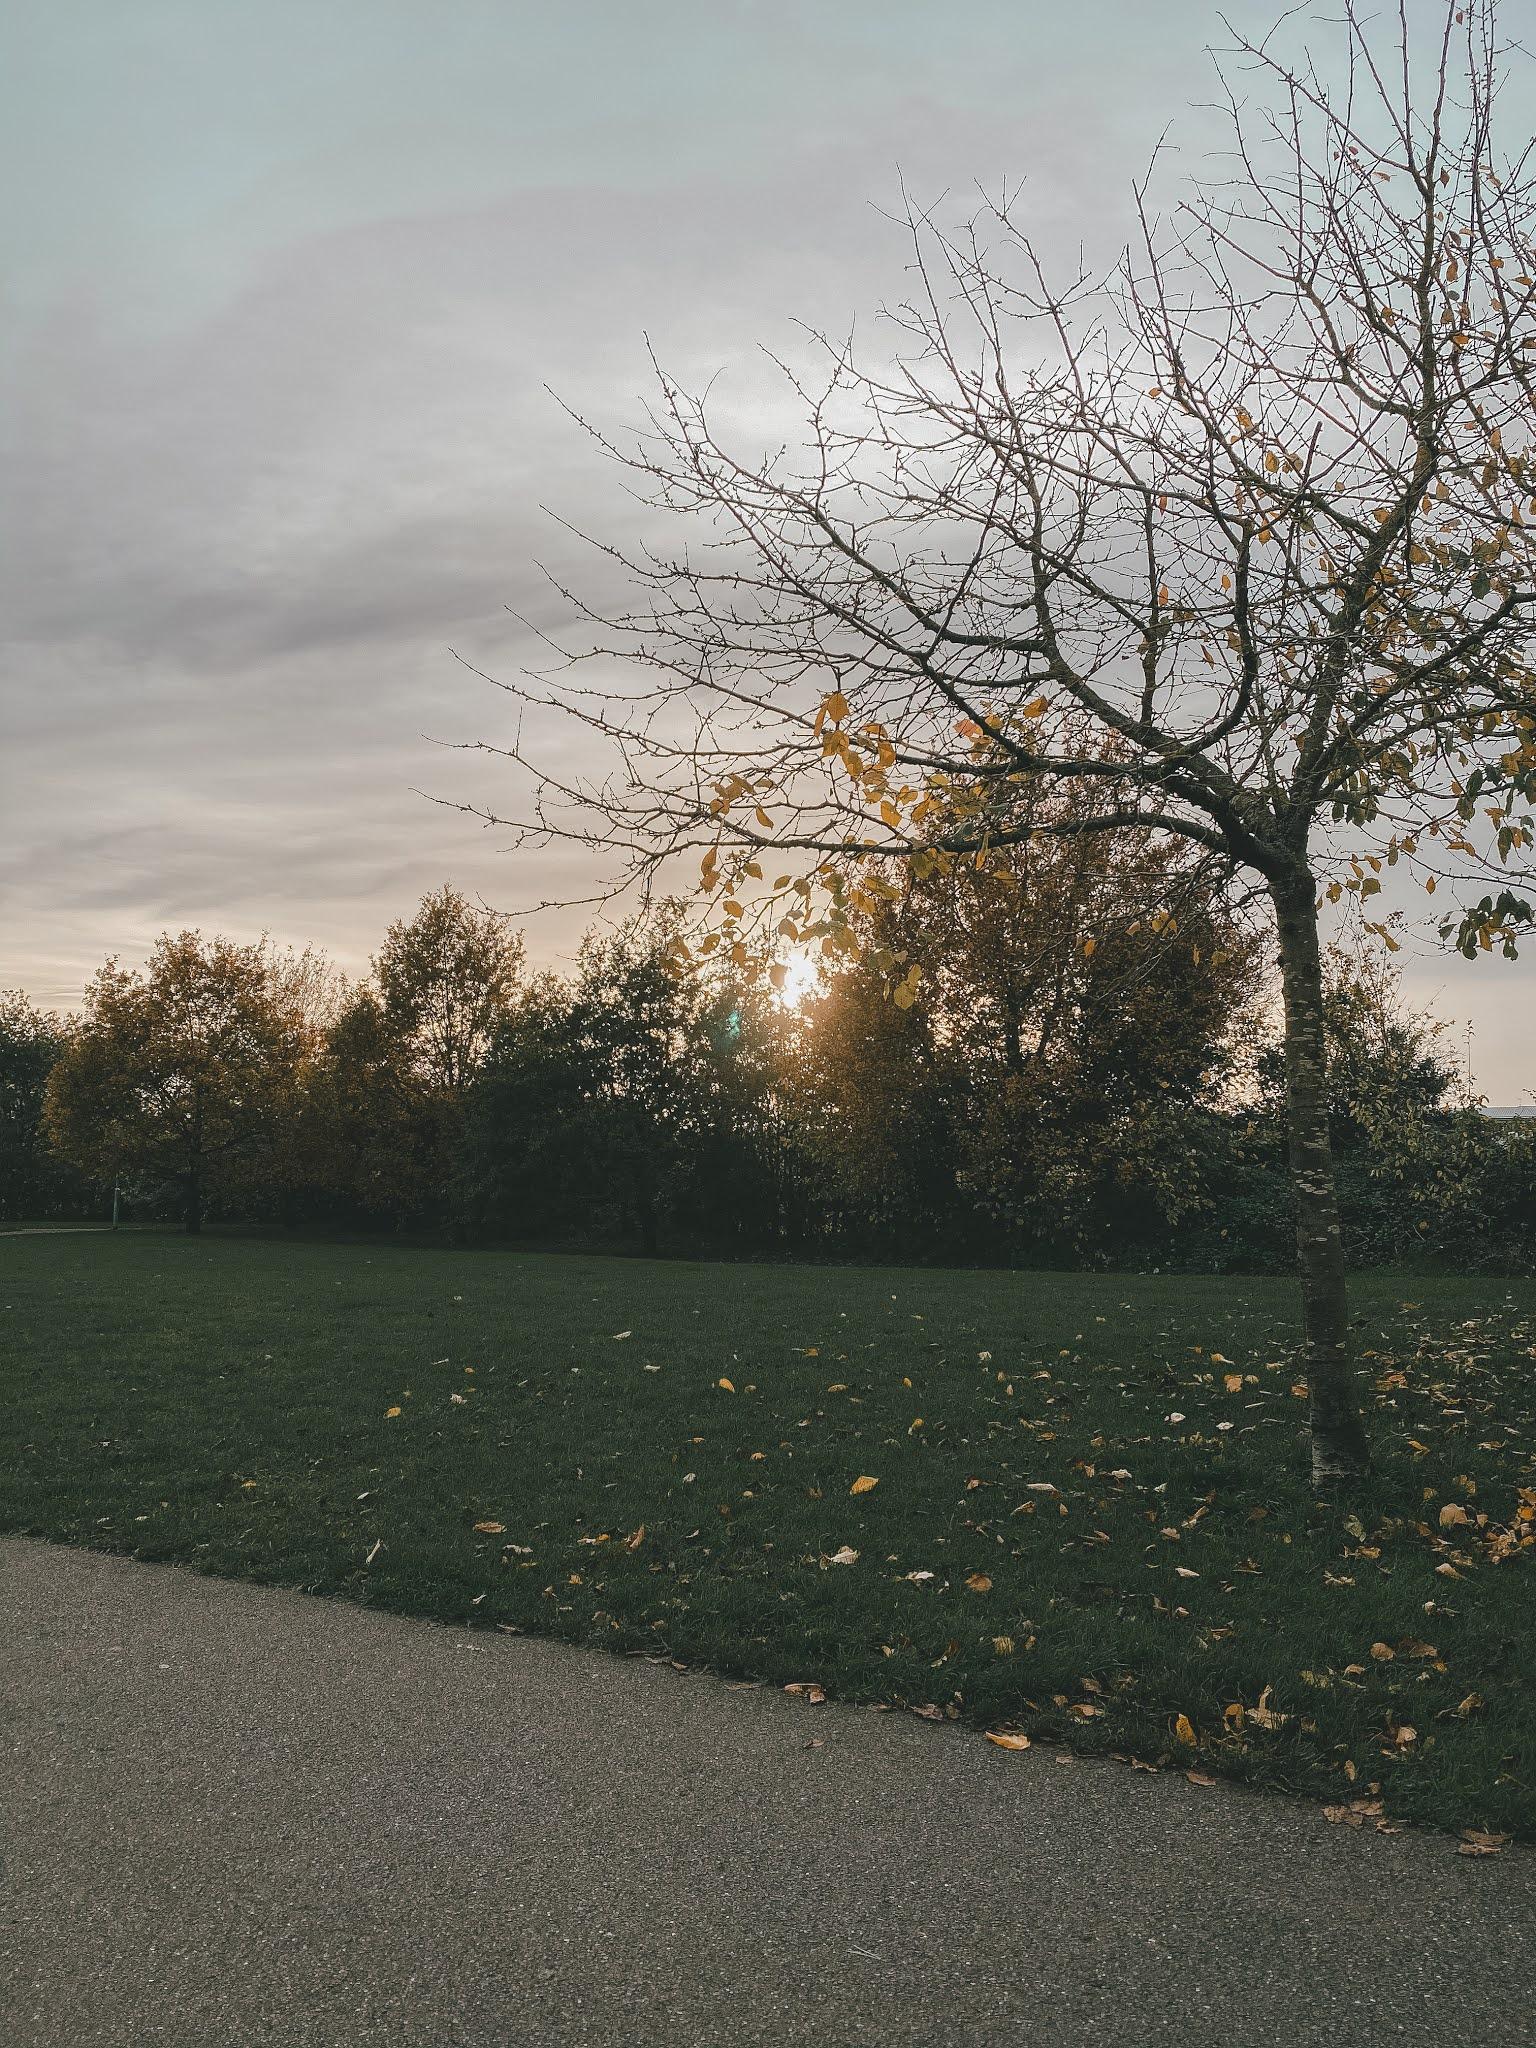 Autumn photo diary